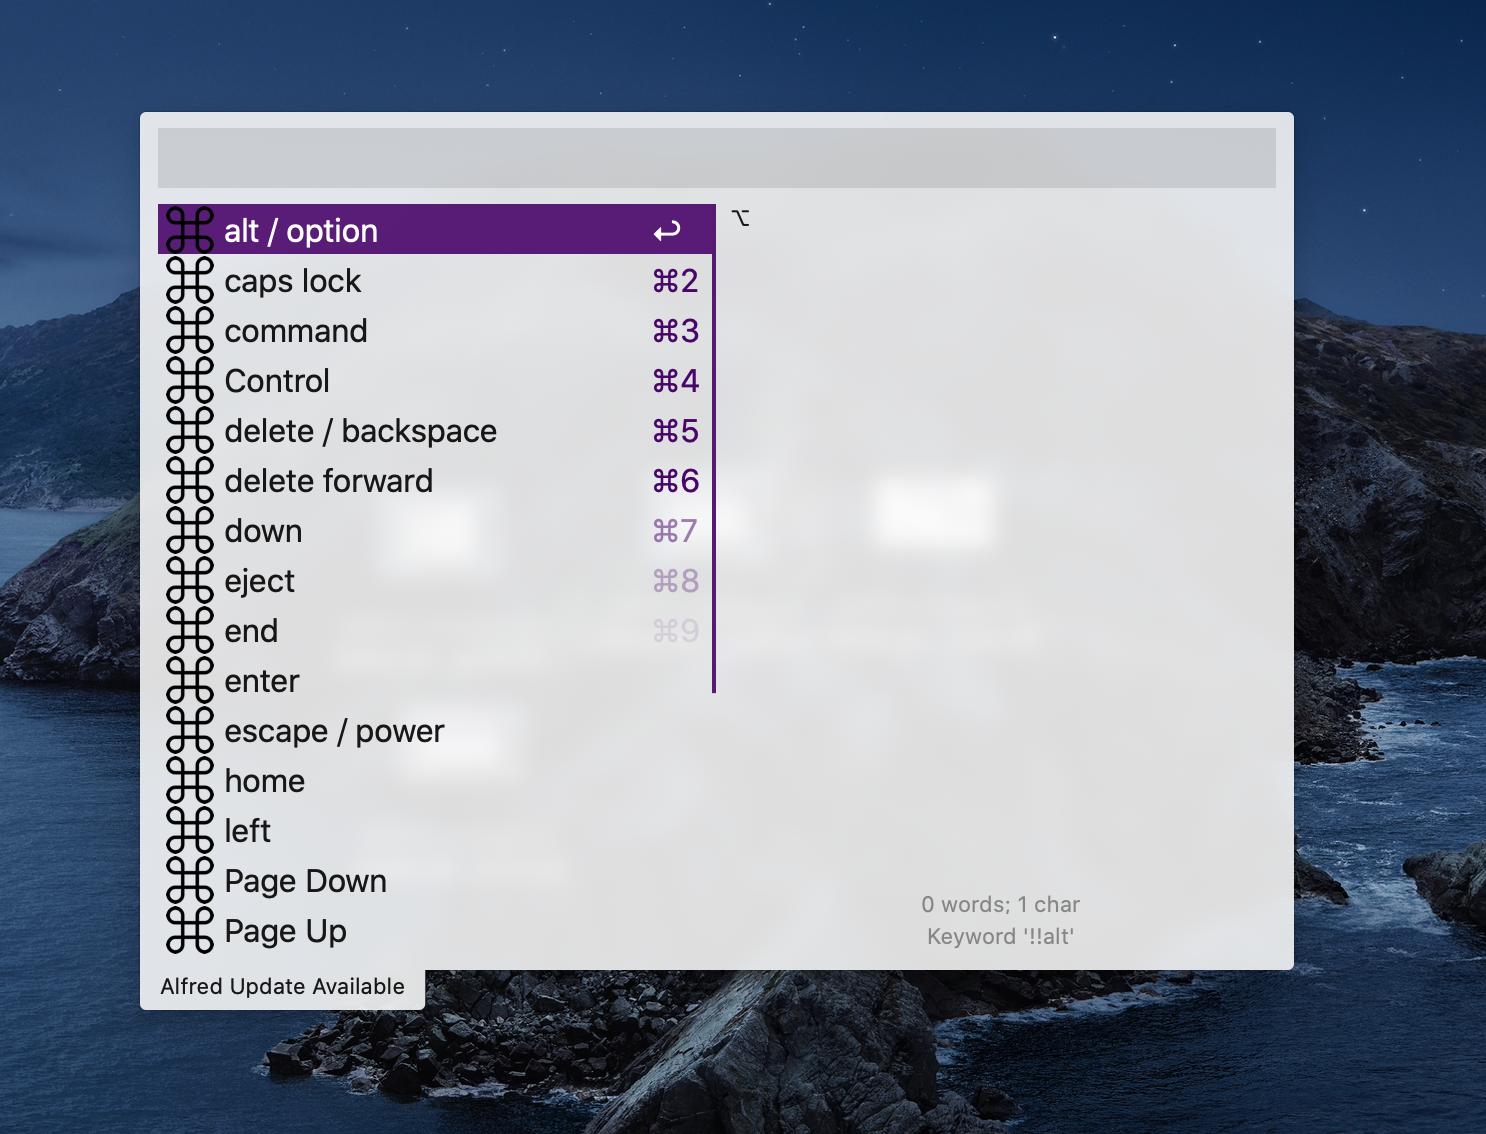 スクリーンショット 2020-01-04 0.16.12.png